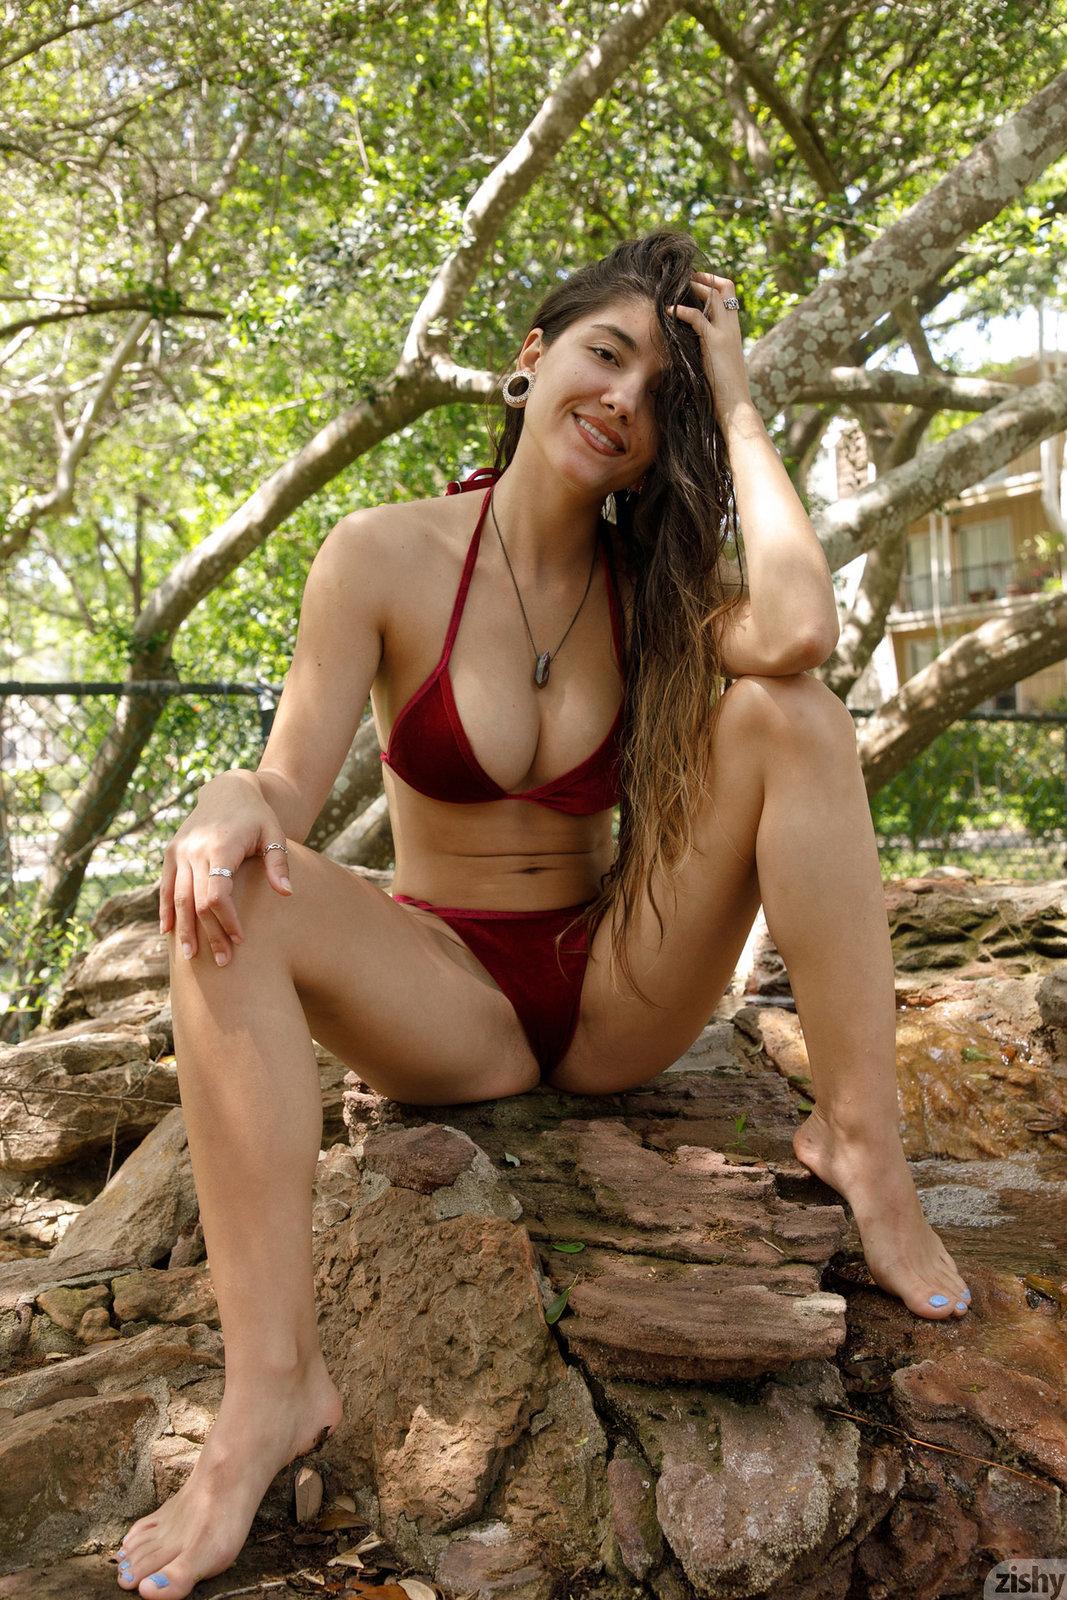 Zdjęcie porno - 08 6 - Ślicznotka w bikini